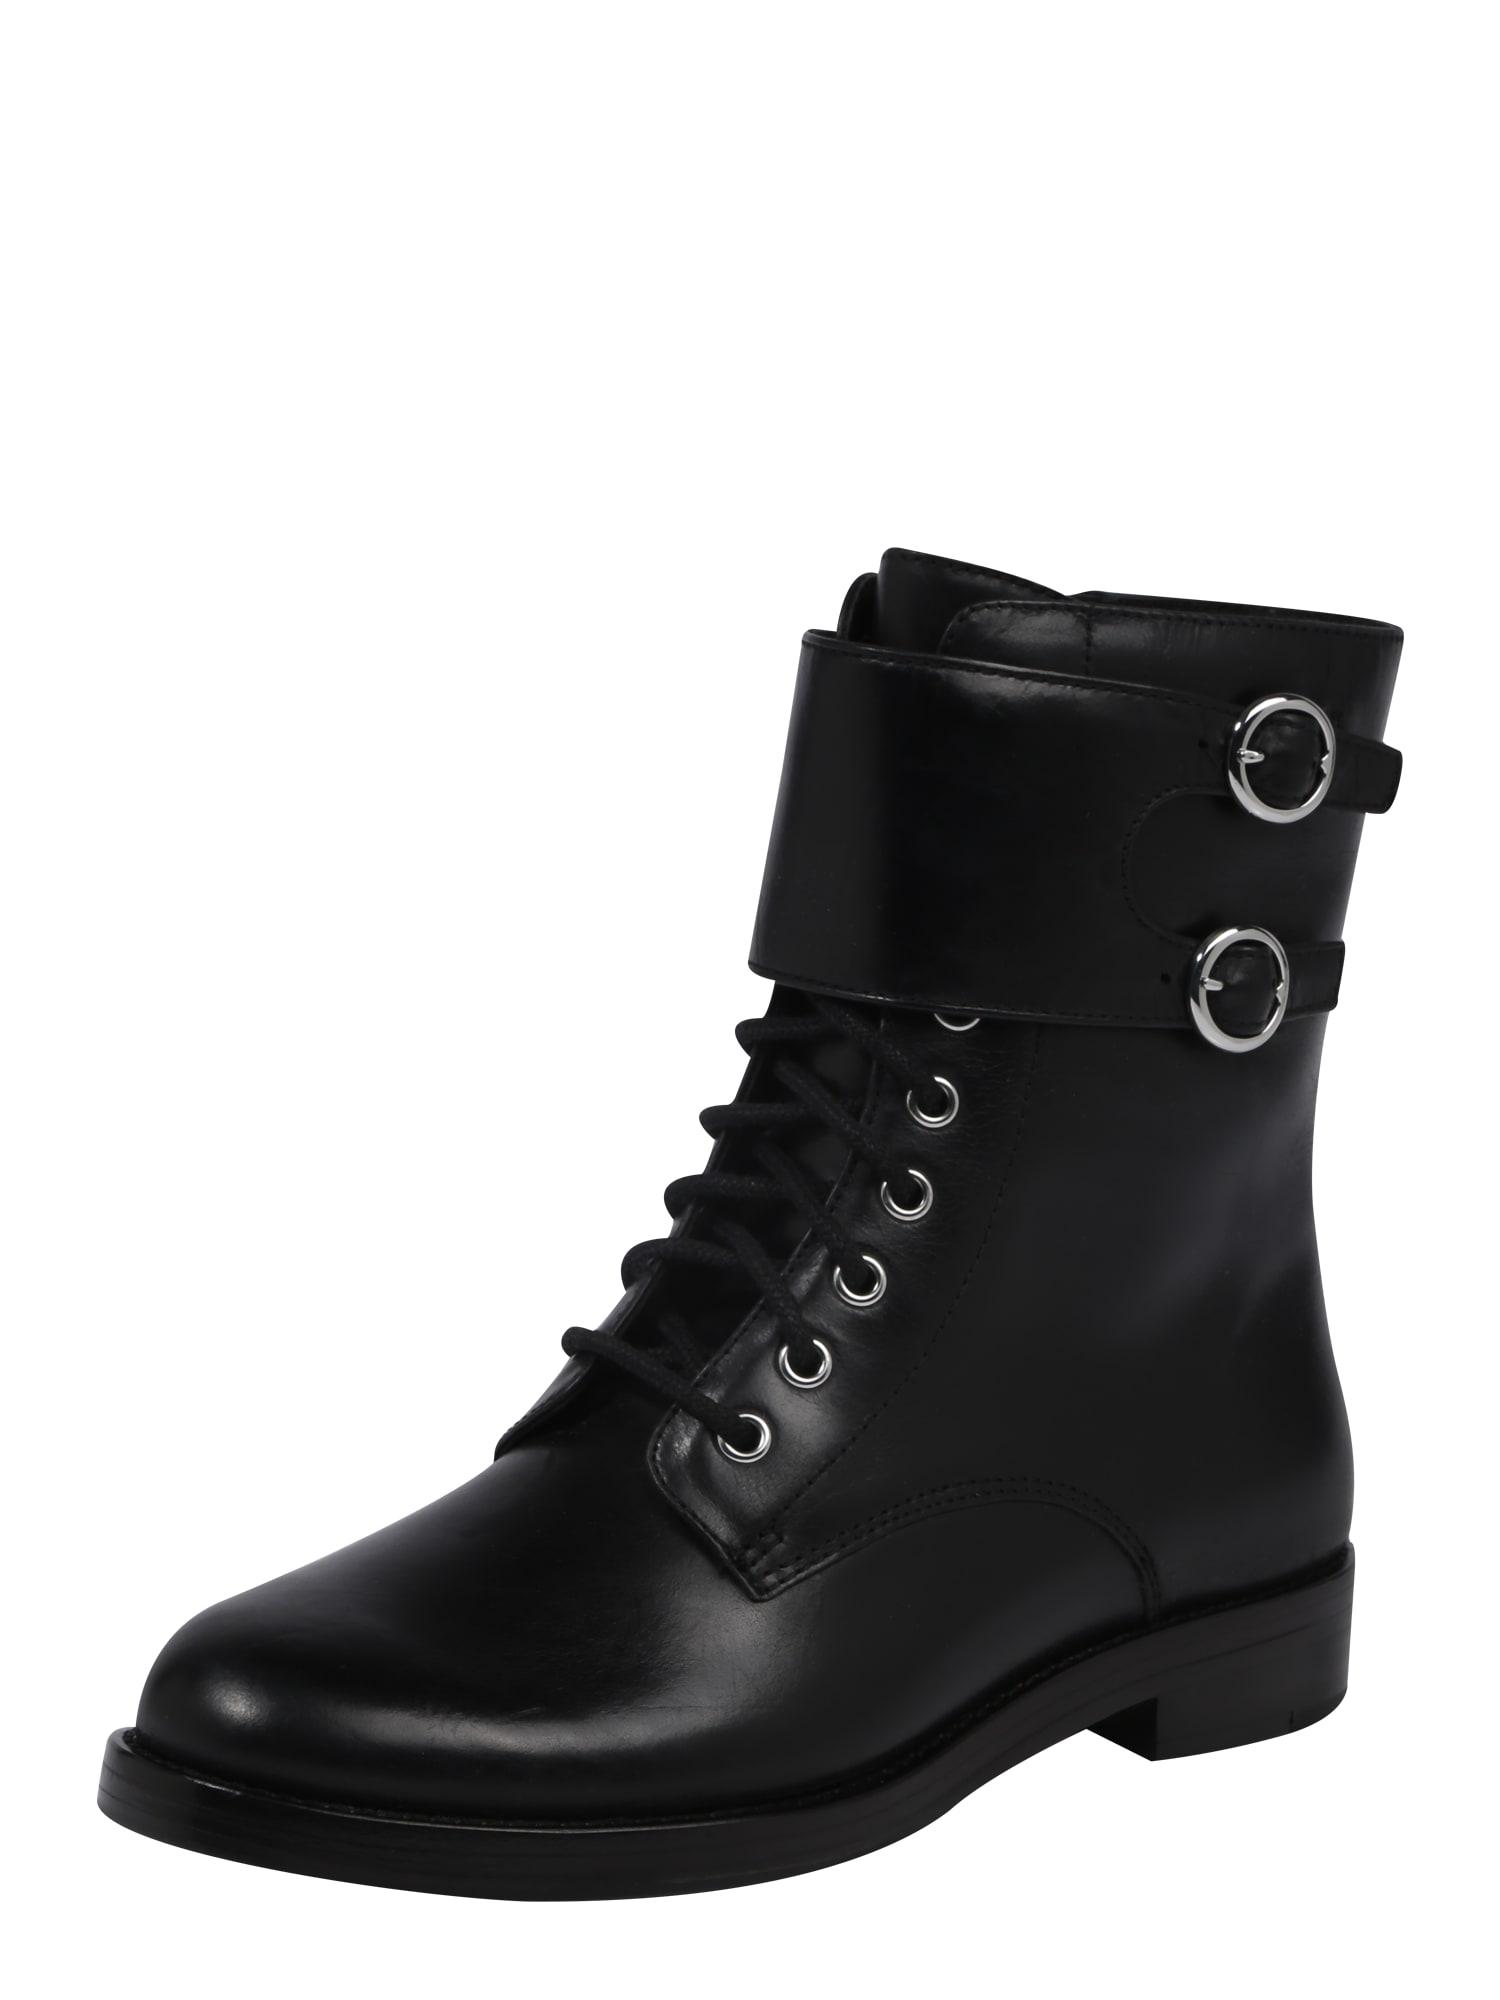 ba301e89c4c8 Damen Stiefel günstig online kaufen